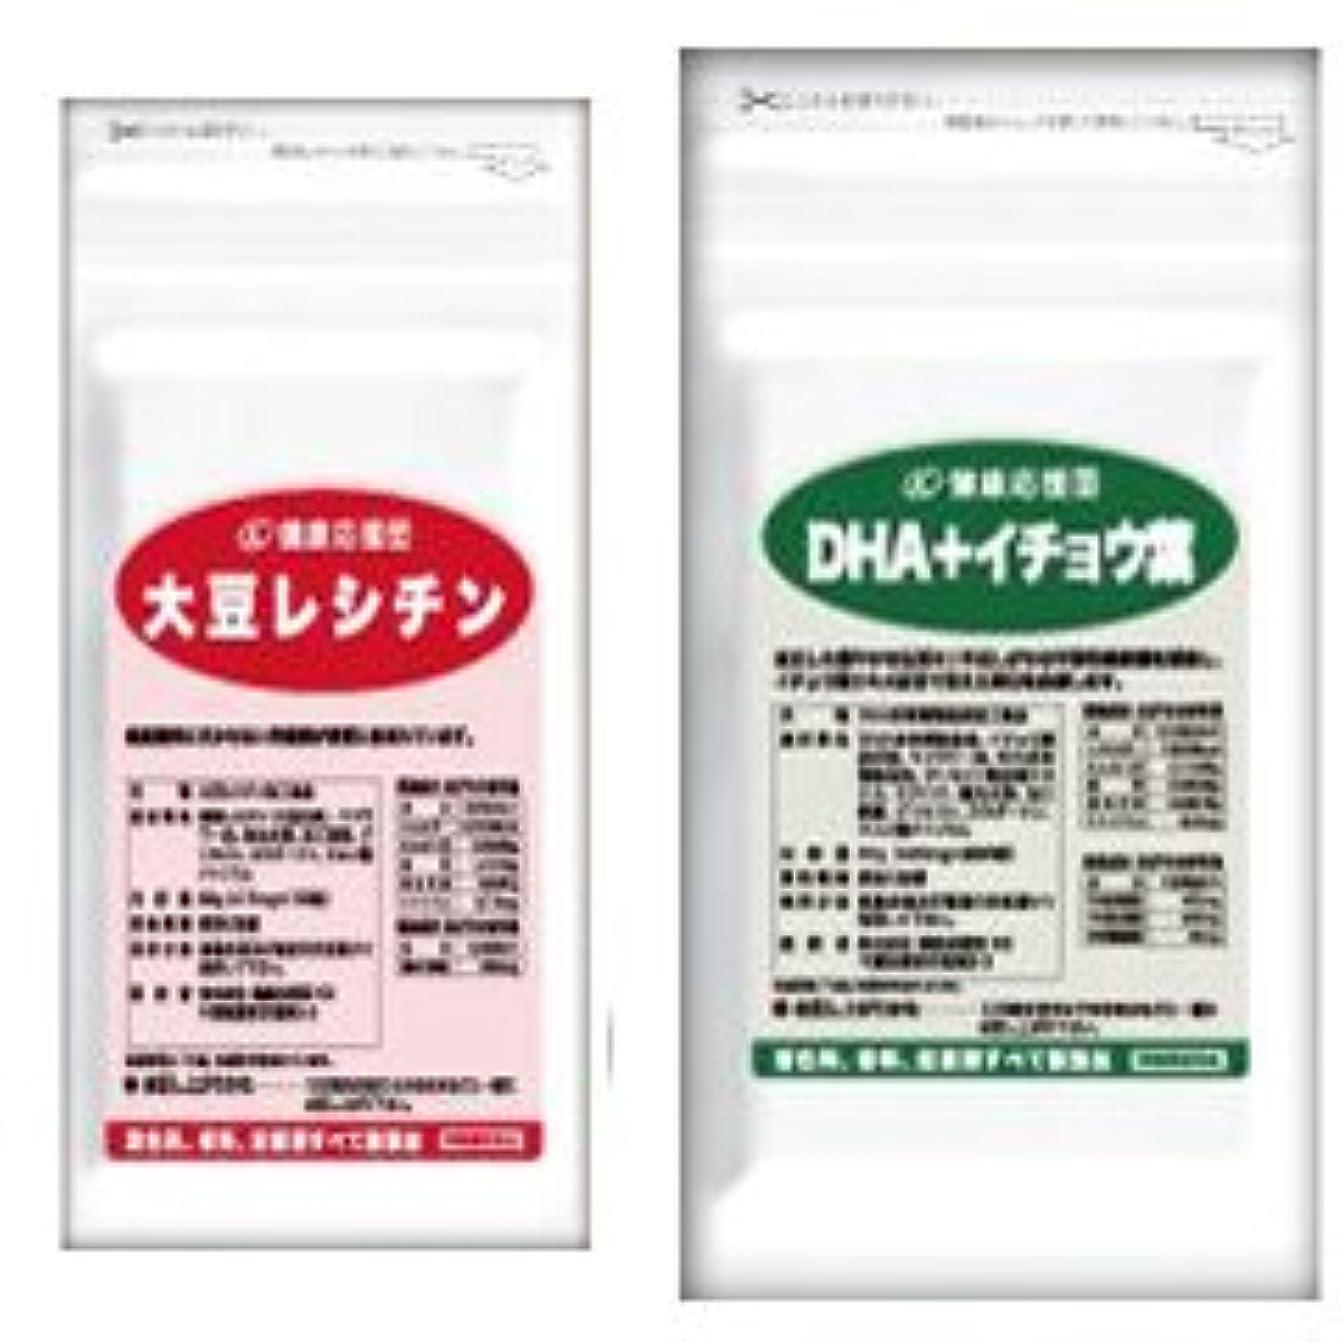 ハンディライラック散逸(お徳用3か月分)流れサラサラセット 大豆レシチン+(DHA+イチョウ葉)3袋&3袋セット(DHA?EPA?イチョウ葉)